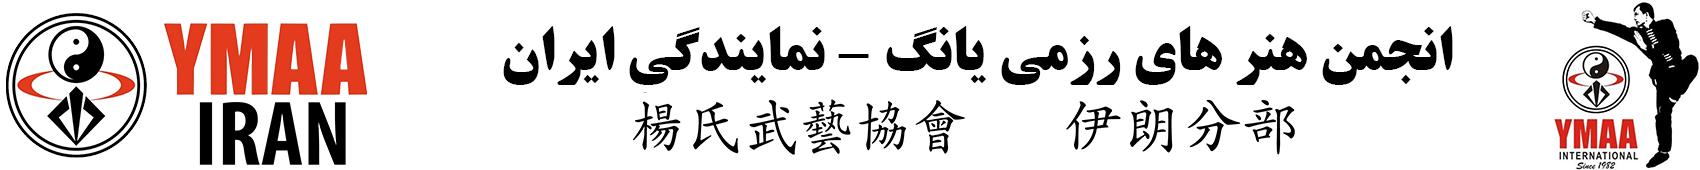 انجمن هنرهای رزمی یانگ – نمایندگی ایران